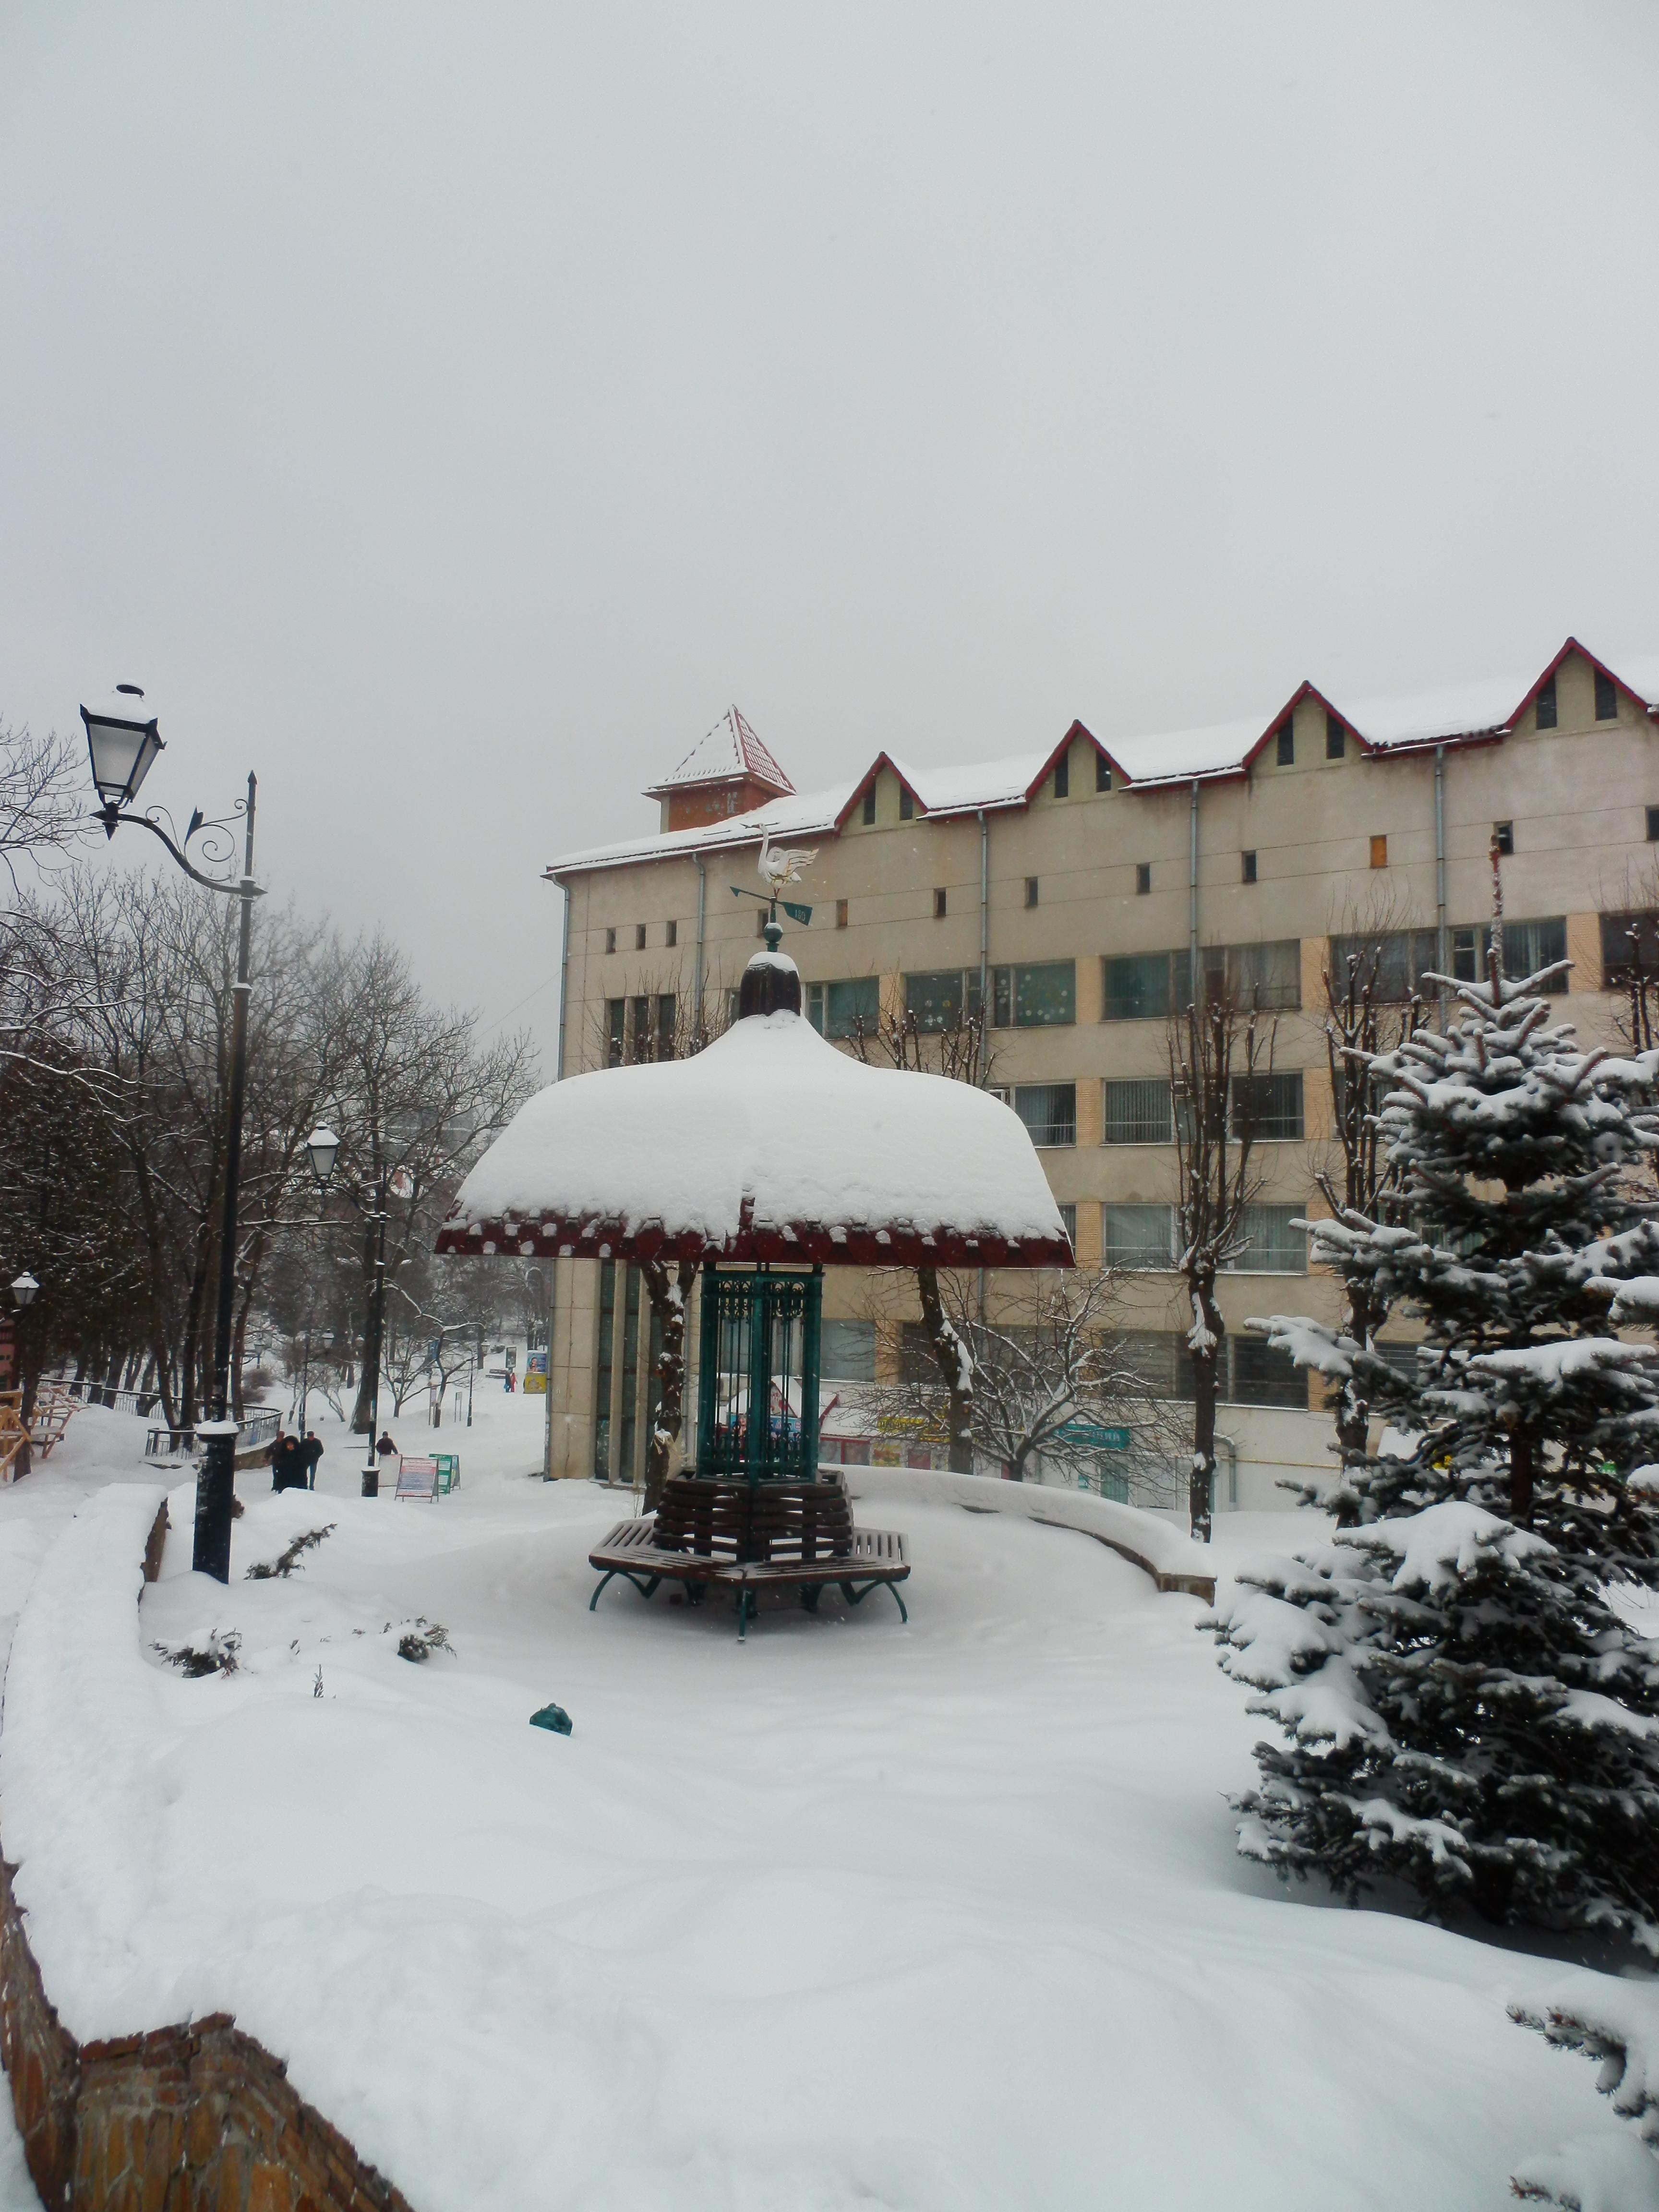 Це не сон архітектури — це зимові кучугури. Фото: Віктор Гаврилів/The Epoch Times Україна